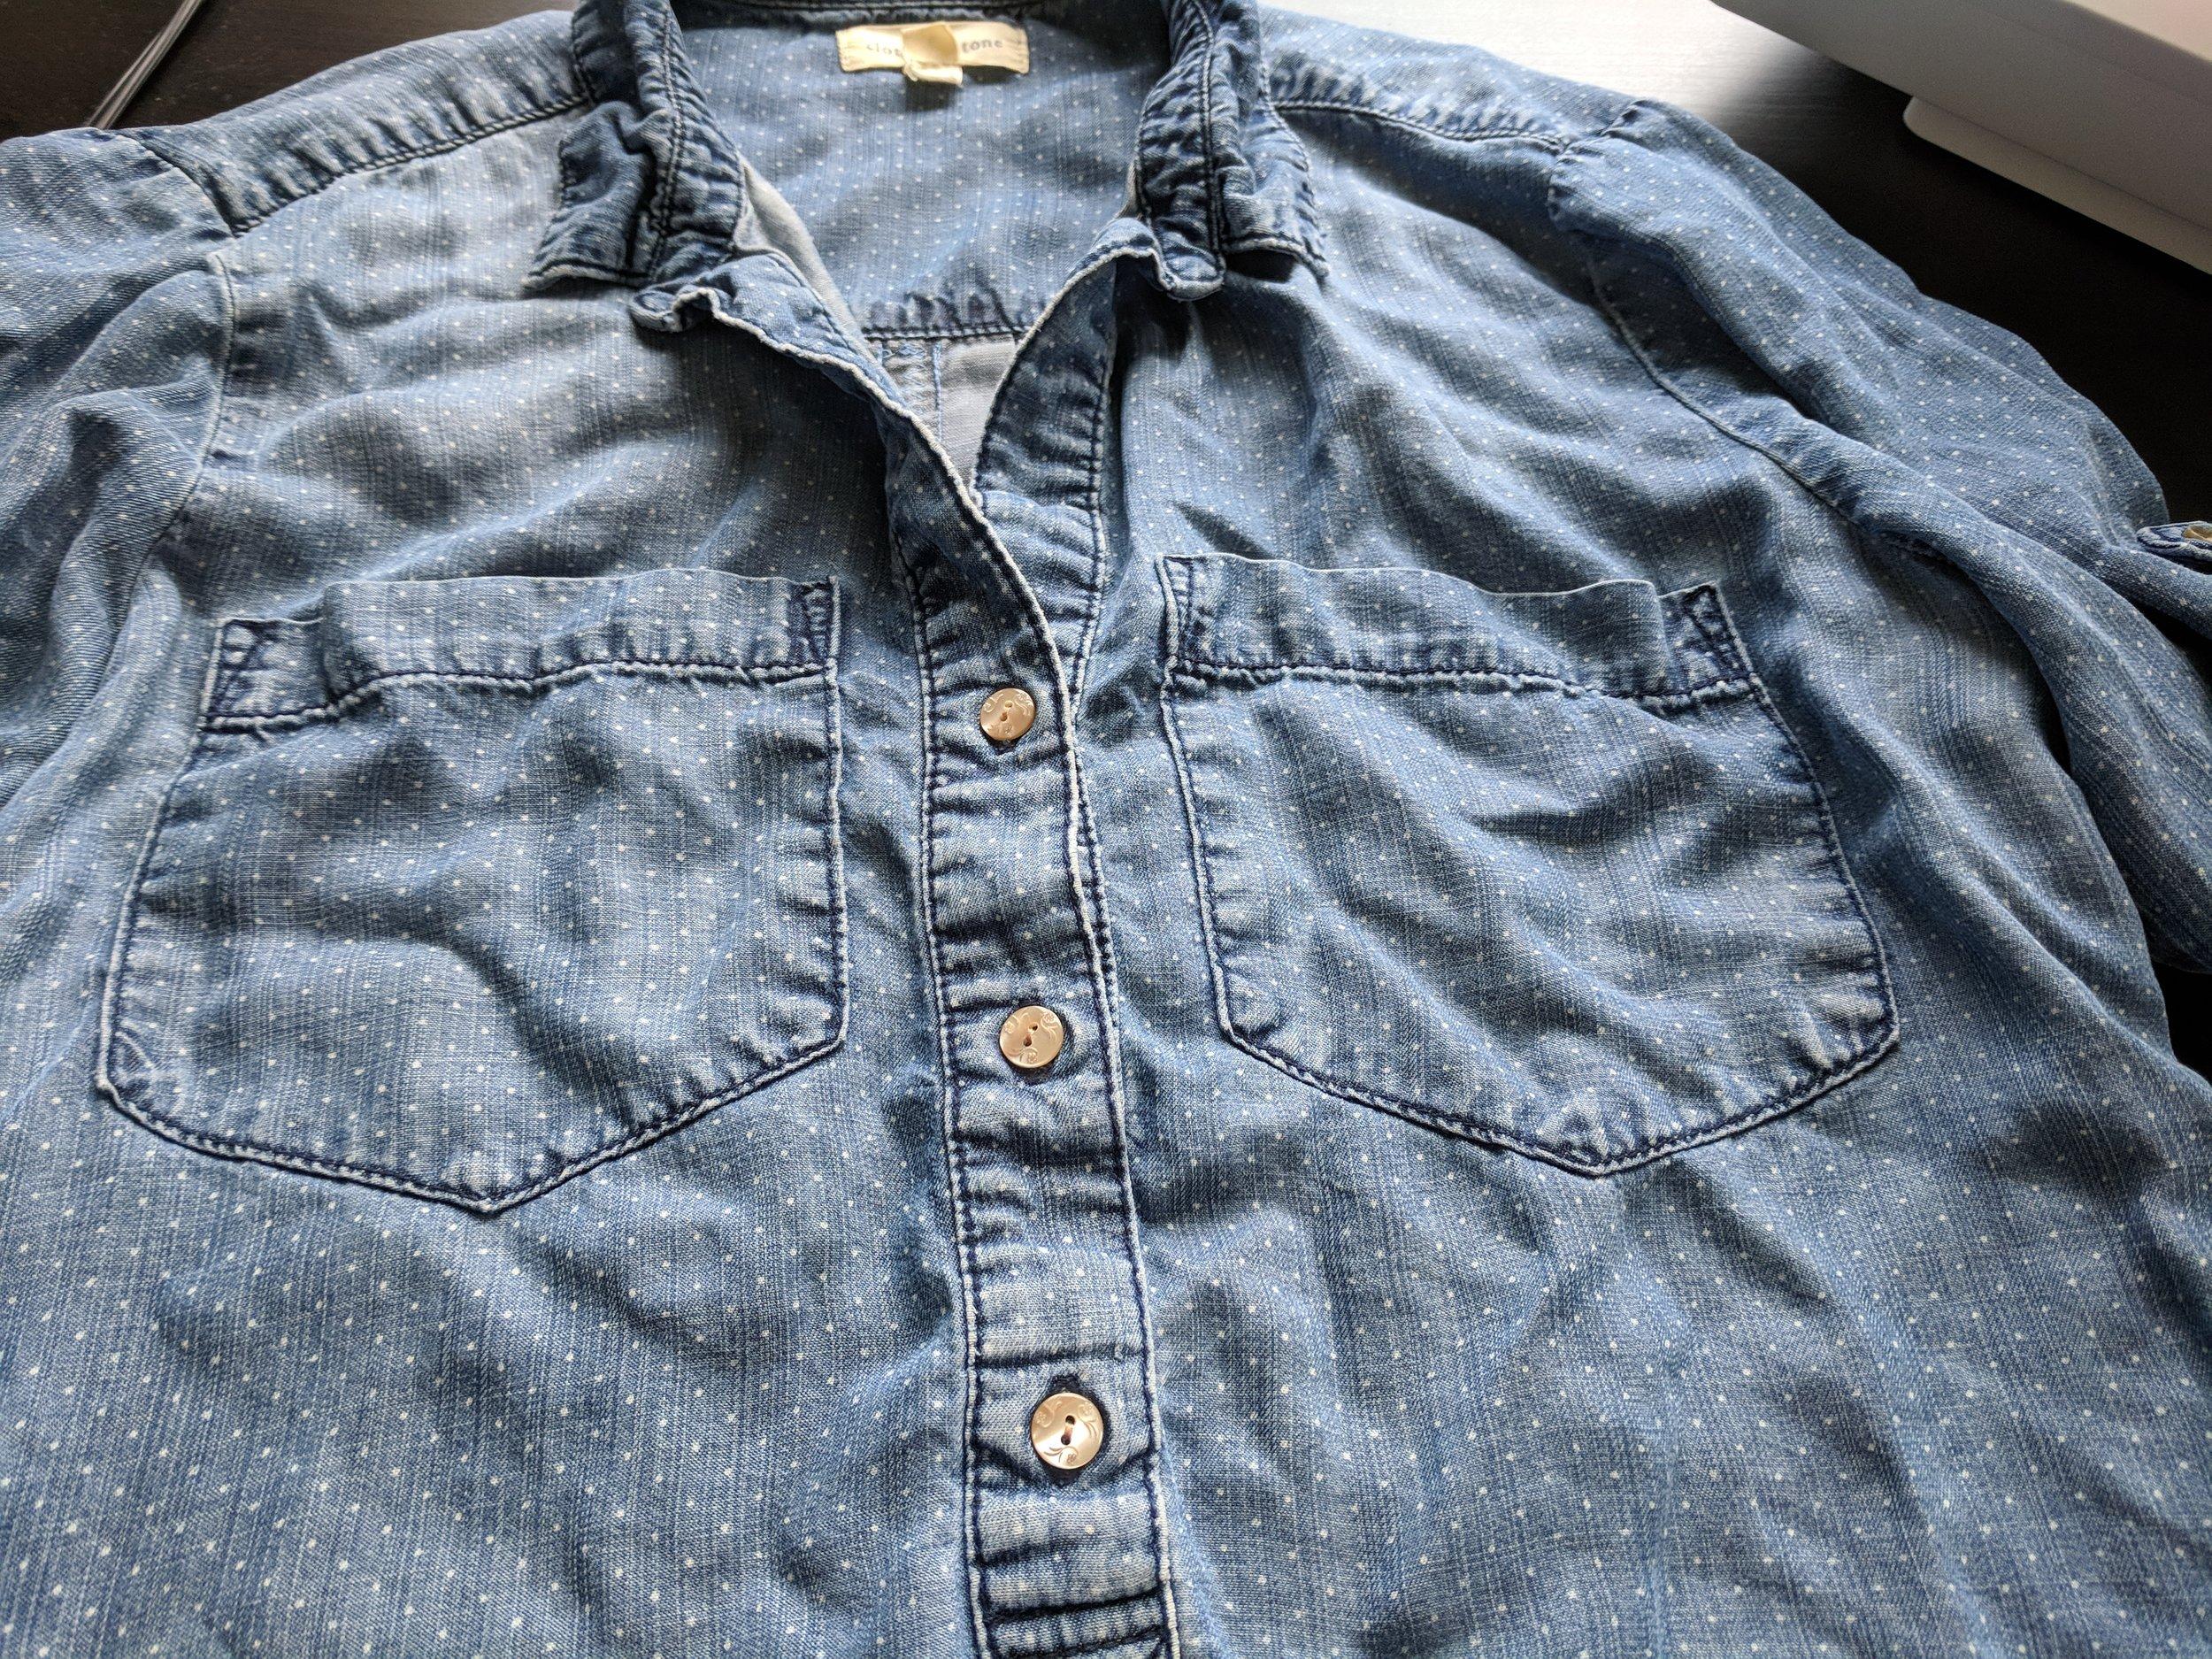 shirt repair